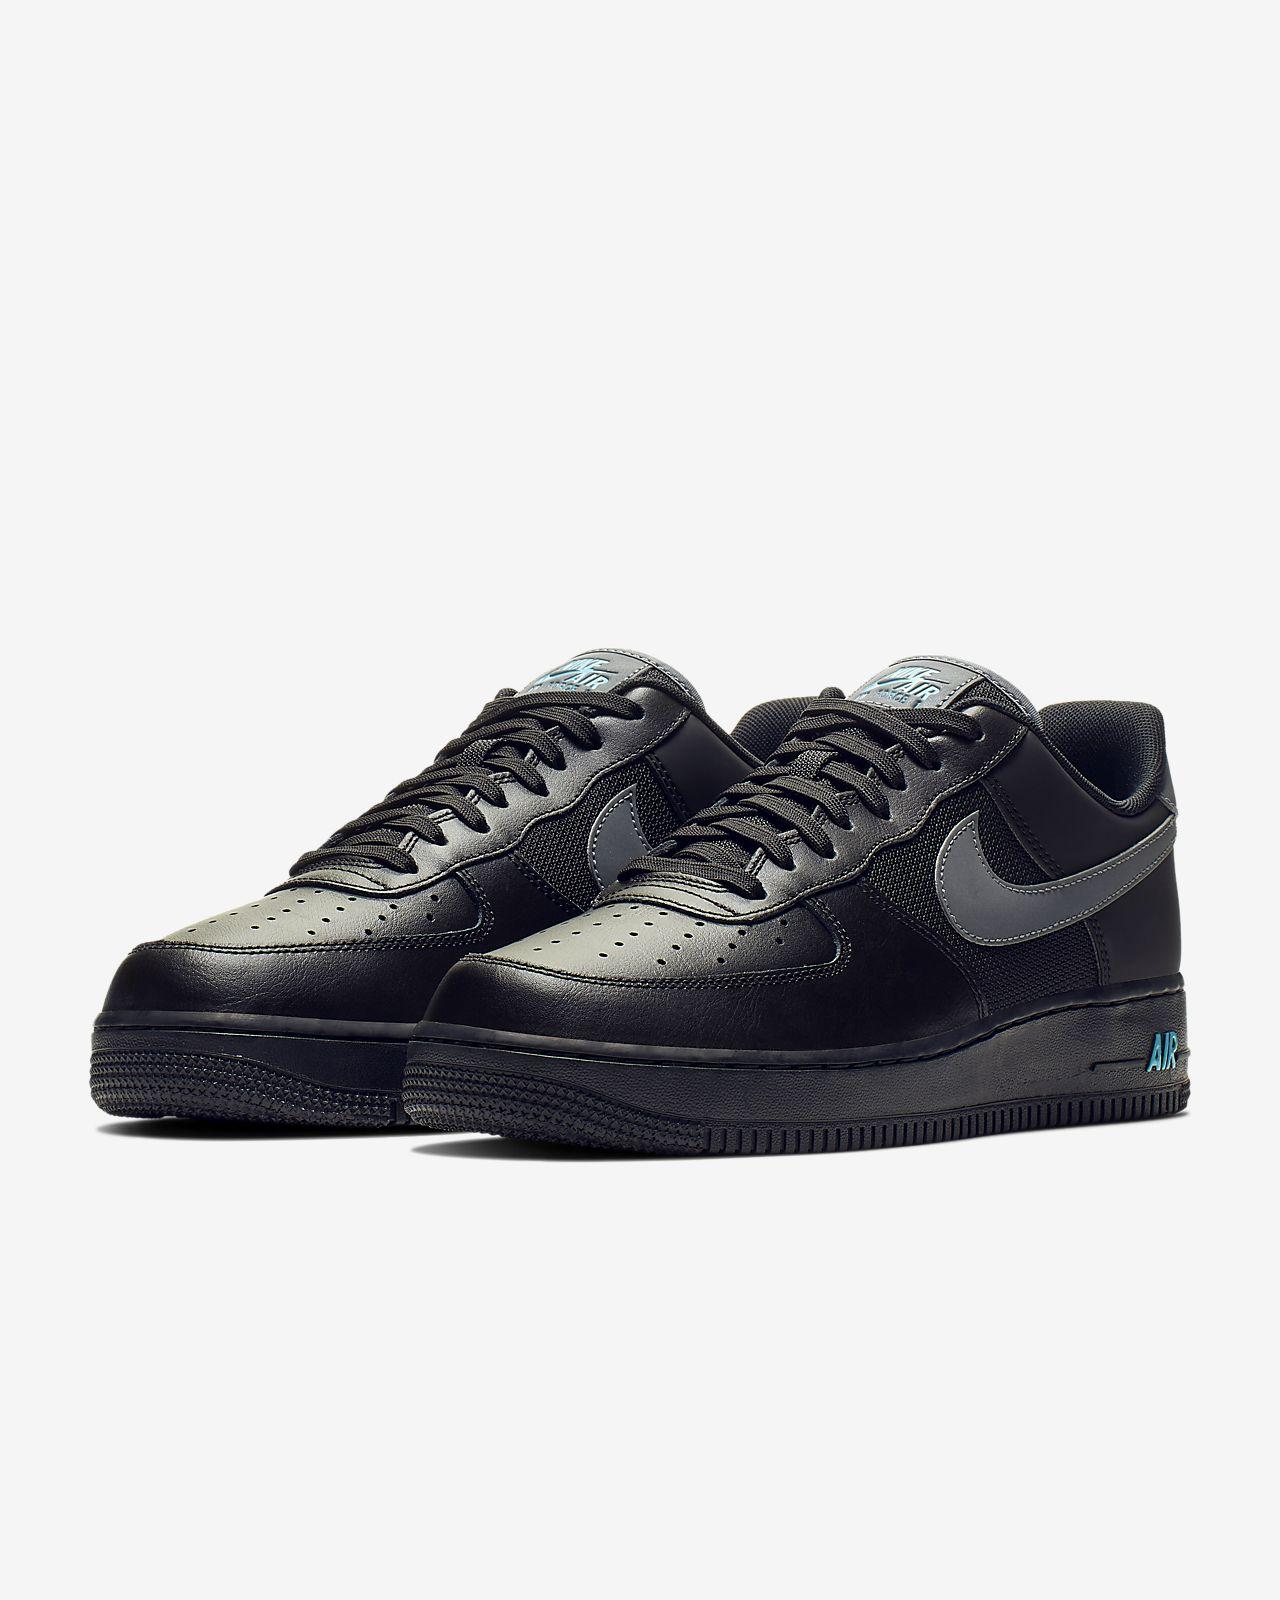 factory authentic 43c96 4d6d7 ... Nike Air Force 1  07 LV8 Men s Shoe